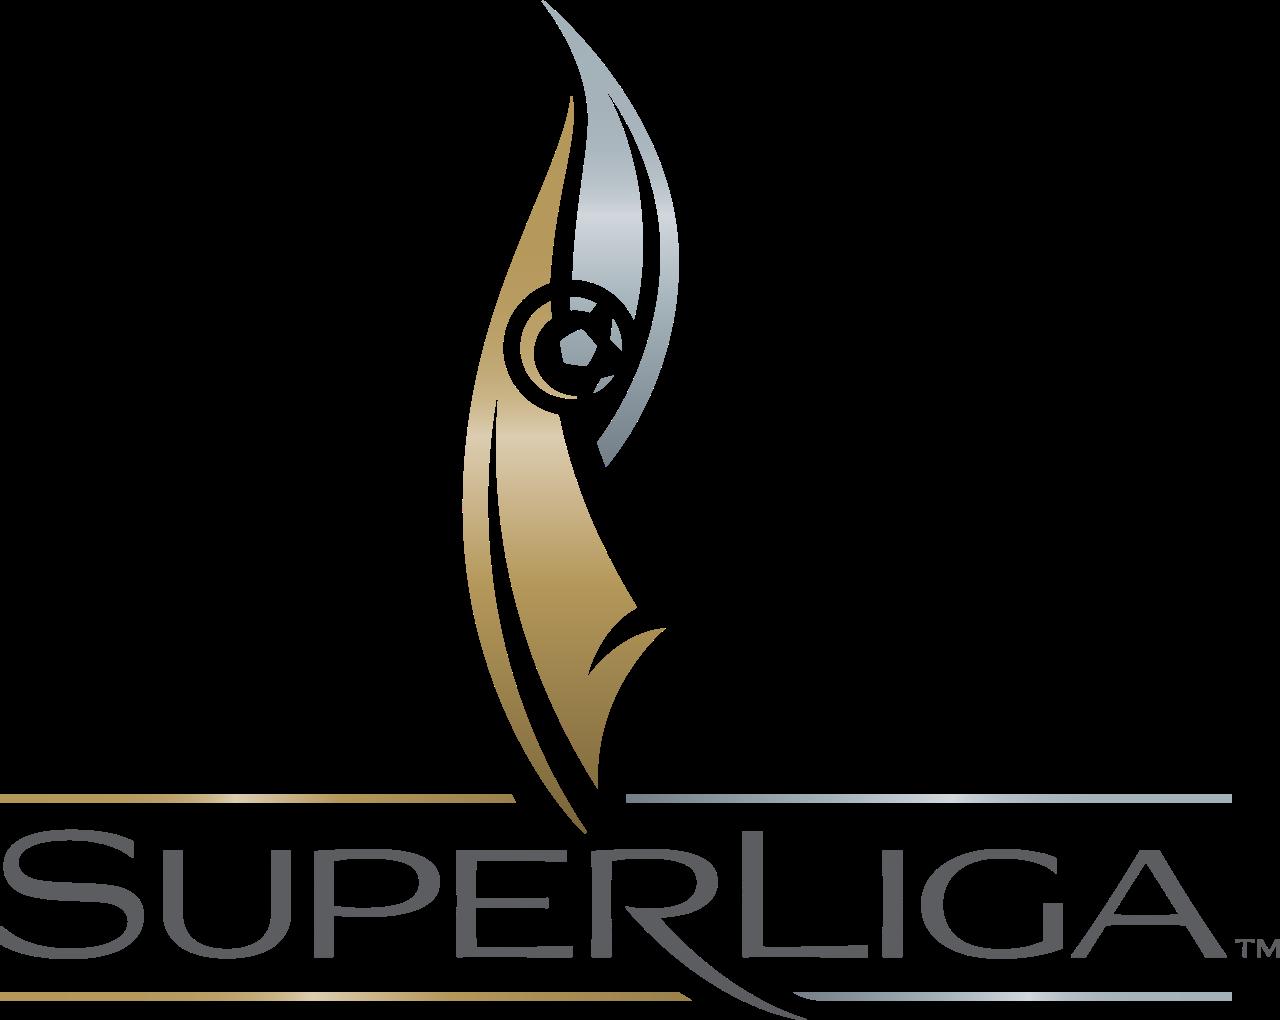 File:North American SuperLiga logo.svg - Wikipedia